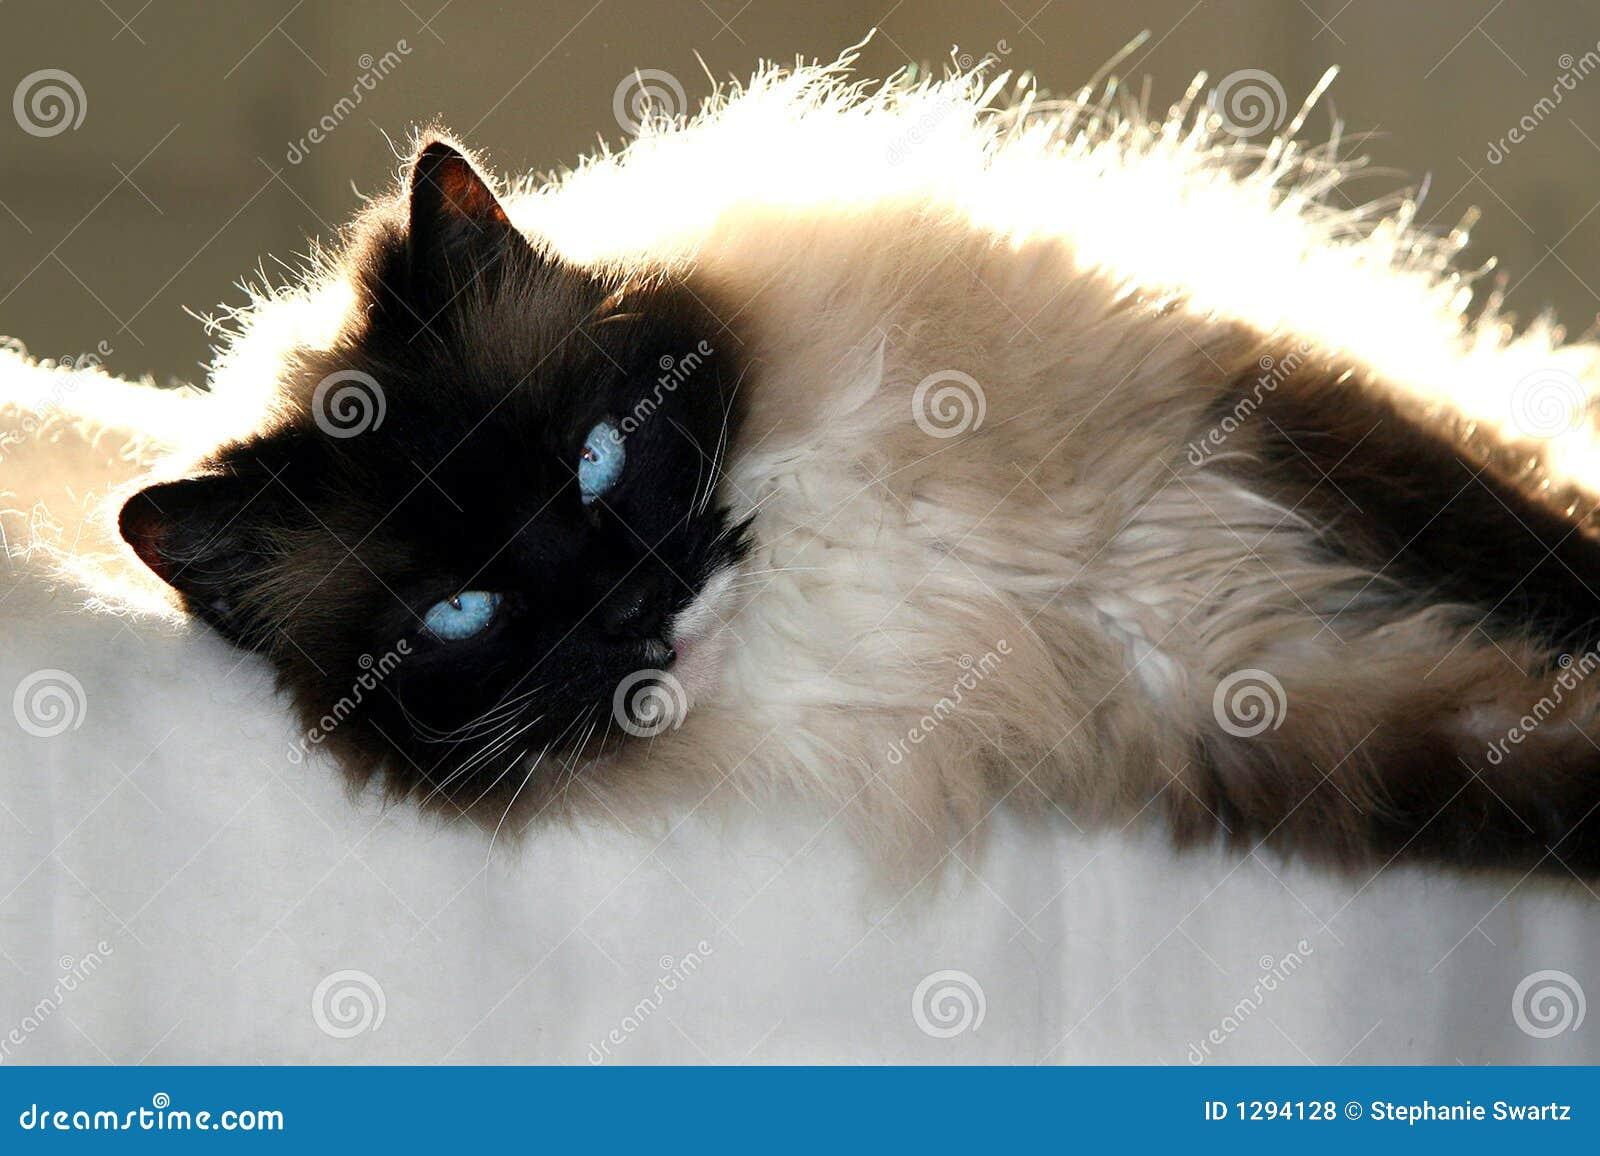 Download Gato en la manta foto de archivo. Imagen de peludo, sello - 1294128